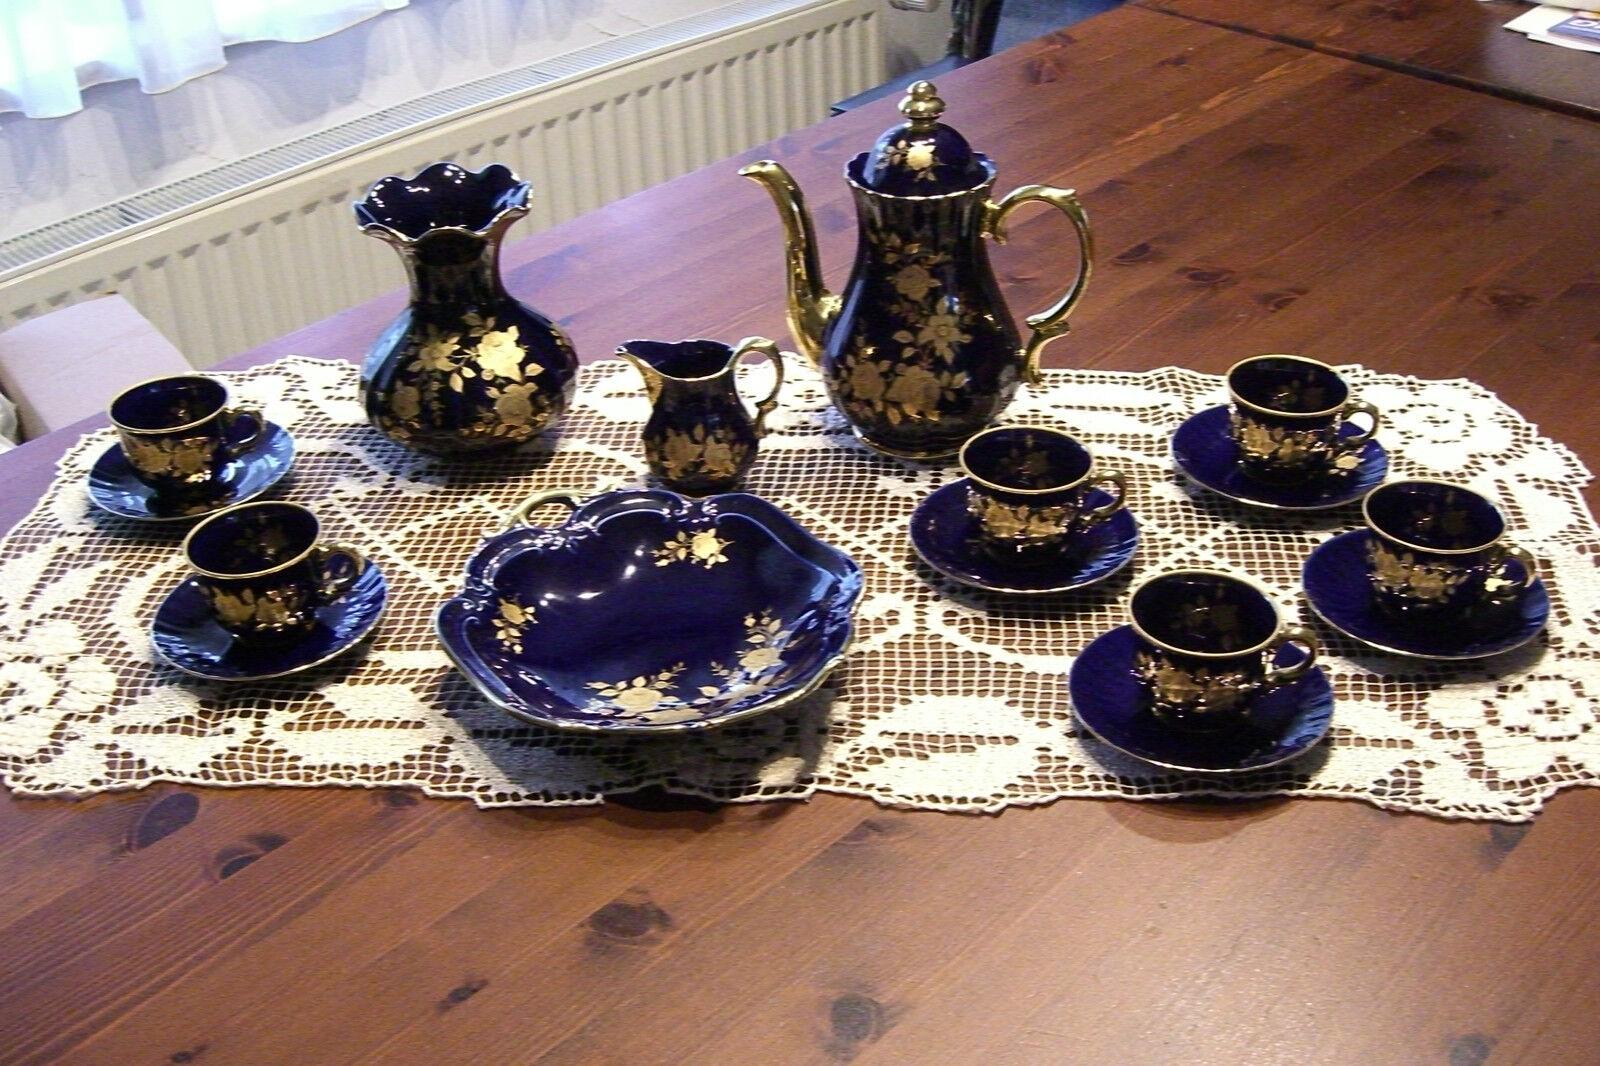 24 Karat Karat Karat kobaltblaues  Kaffee-  Teeservice mit reichhaltigem Blaumendekor    | Genial Und Praktisch  dbf34d